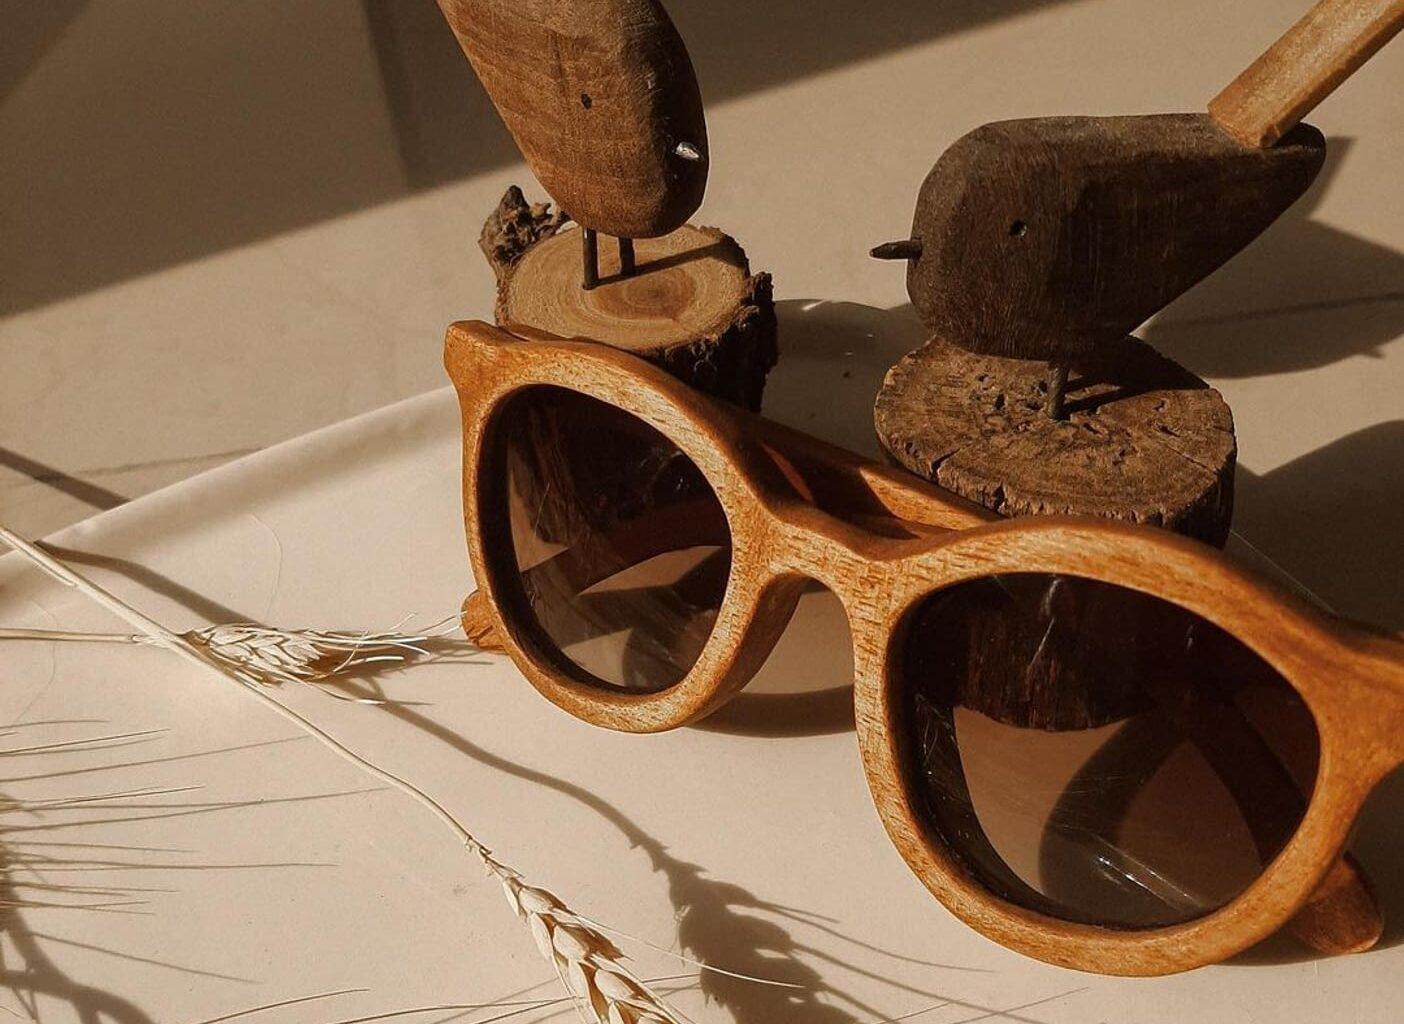 افکت اینستاگرام تست عینک افکت اختصاصی اینستاگرام عینک دست ساز چوبی بلوط رویایی تهیه شده در استودیو تورویژن خرید اینترنتی عینک بصورت واقعیت افزوده افکت عینک صدف بیوتی dream__oak